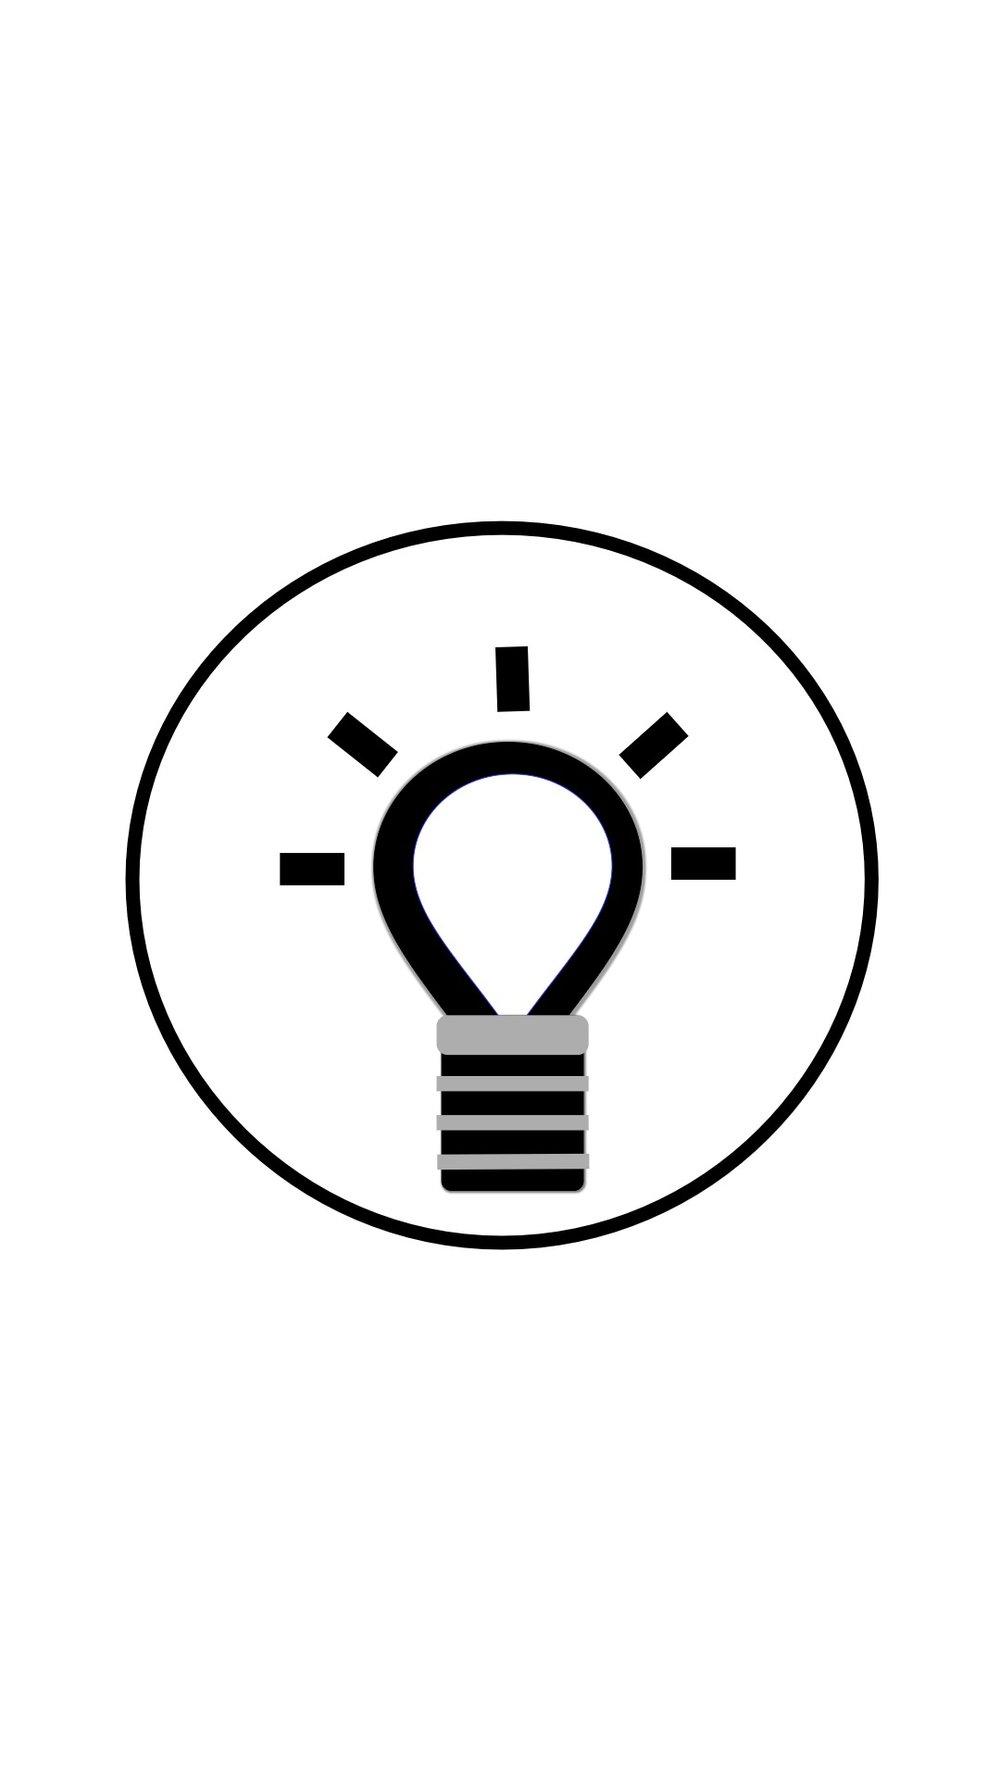 Instagram-cover-lightbulb-blackwhite-lotnotes.jpg